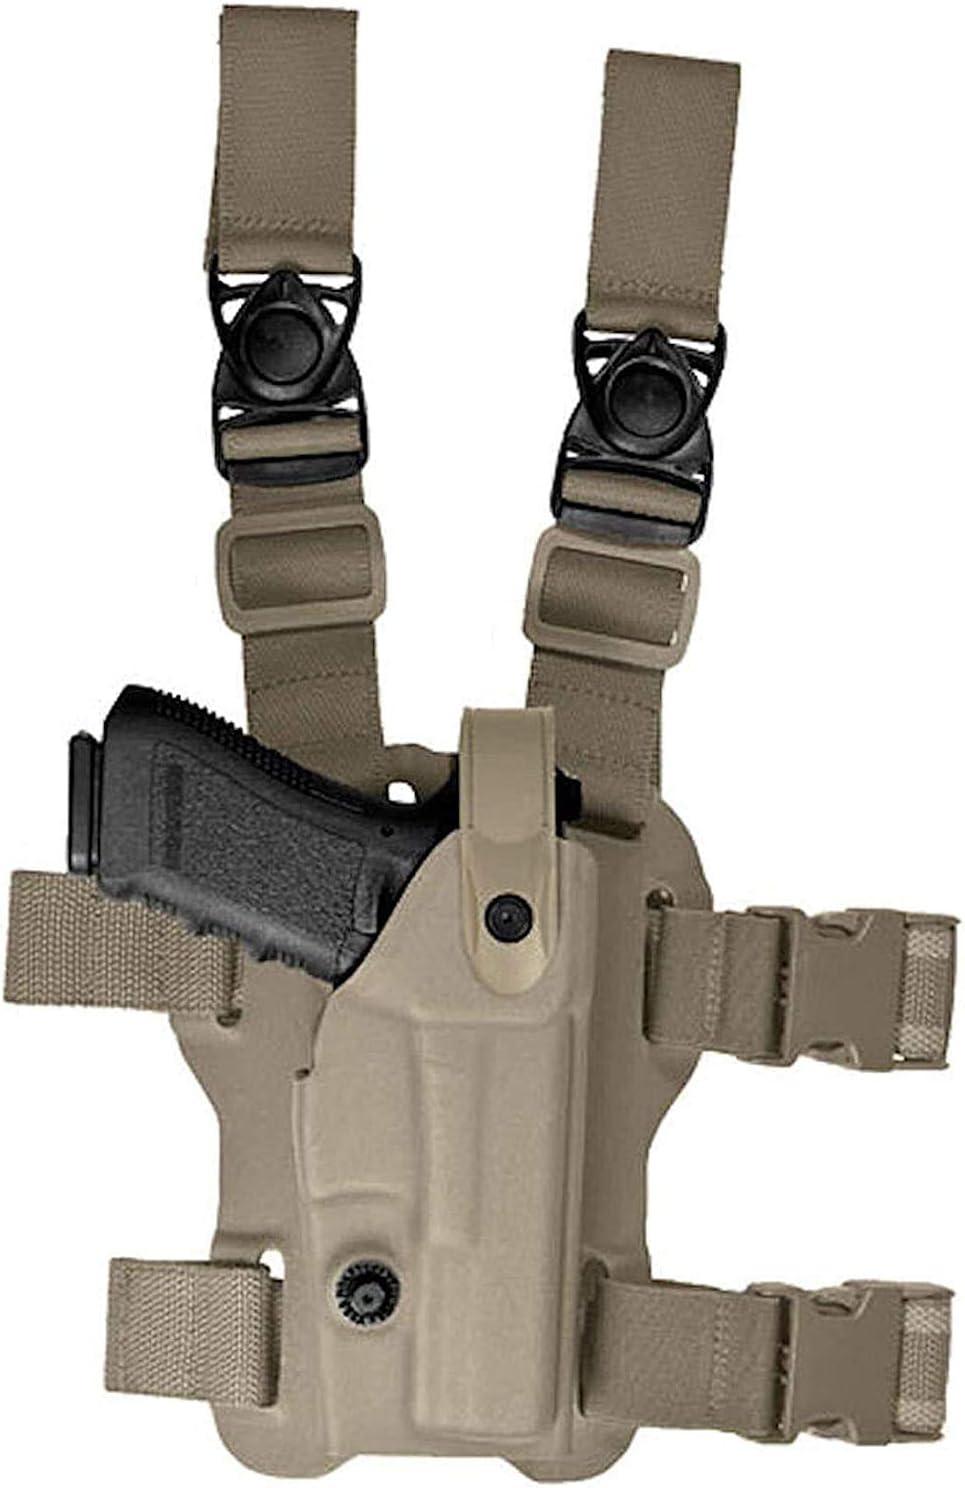 Vega Holster - Funda para muslos táctica VKL 800 para Beretta 92/98 polímero Coyote Tan